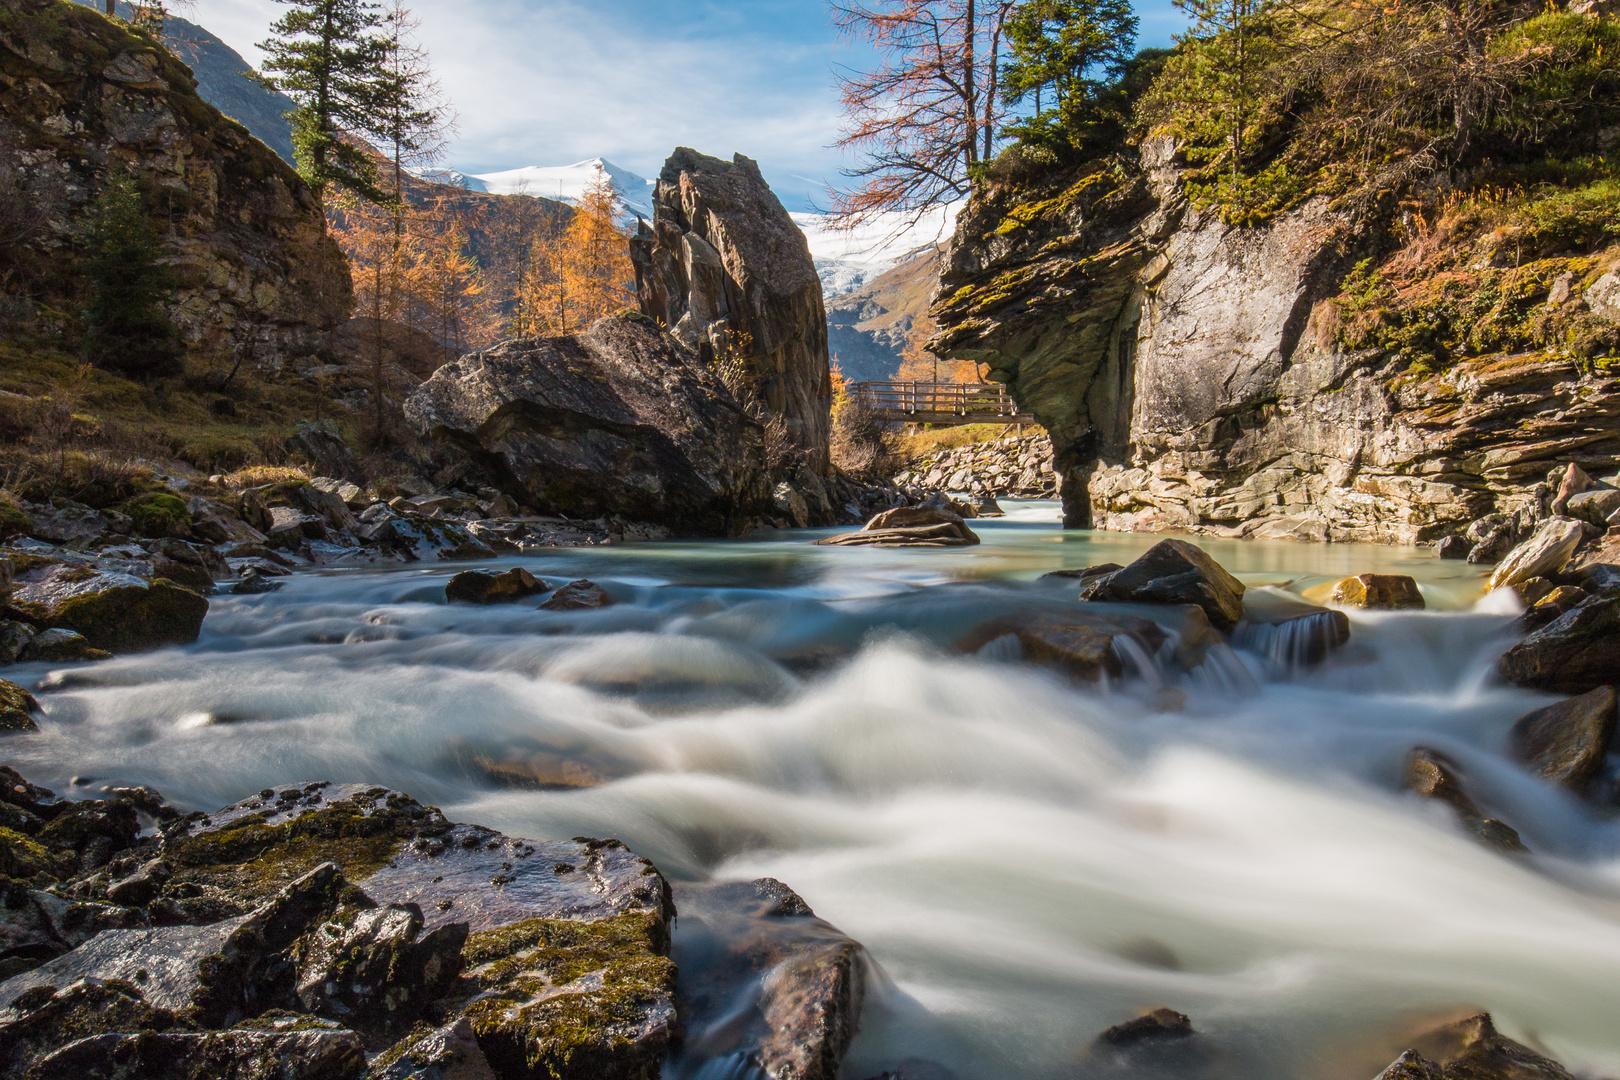 Bachlauf im schönen Tal